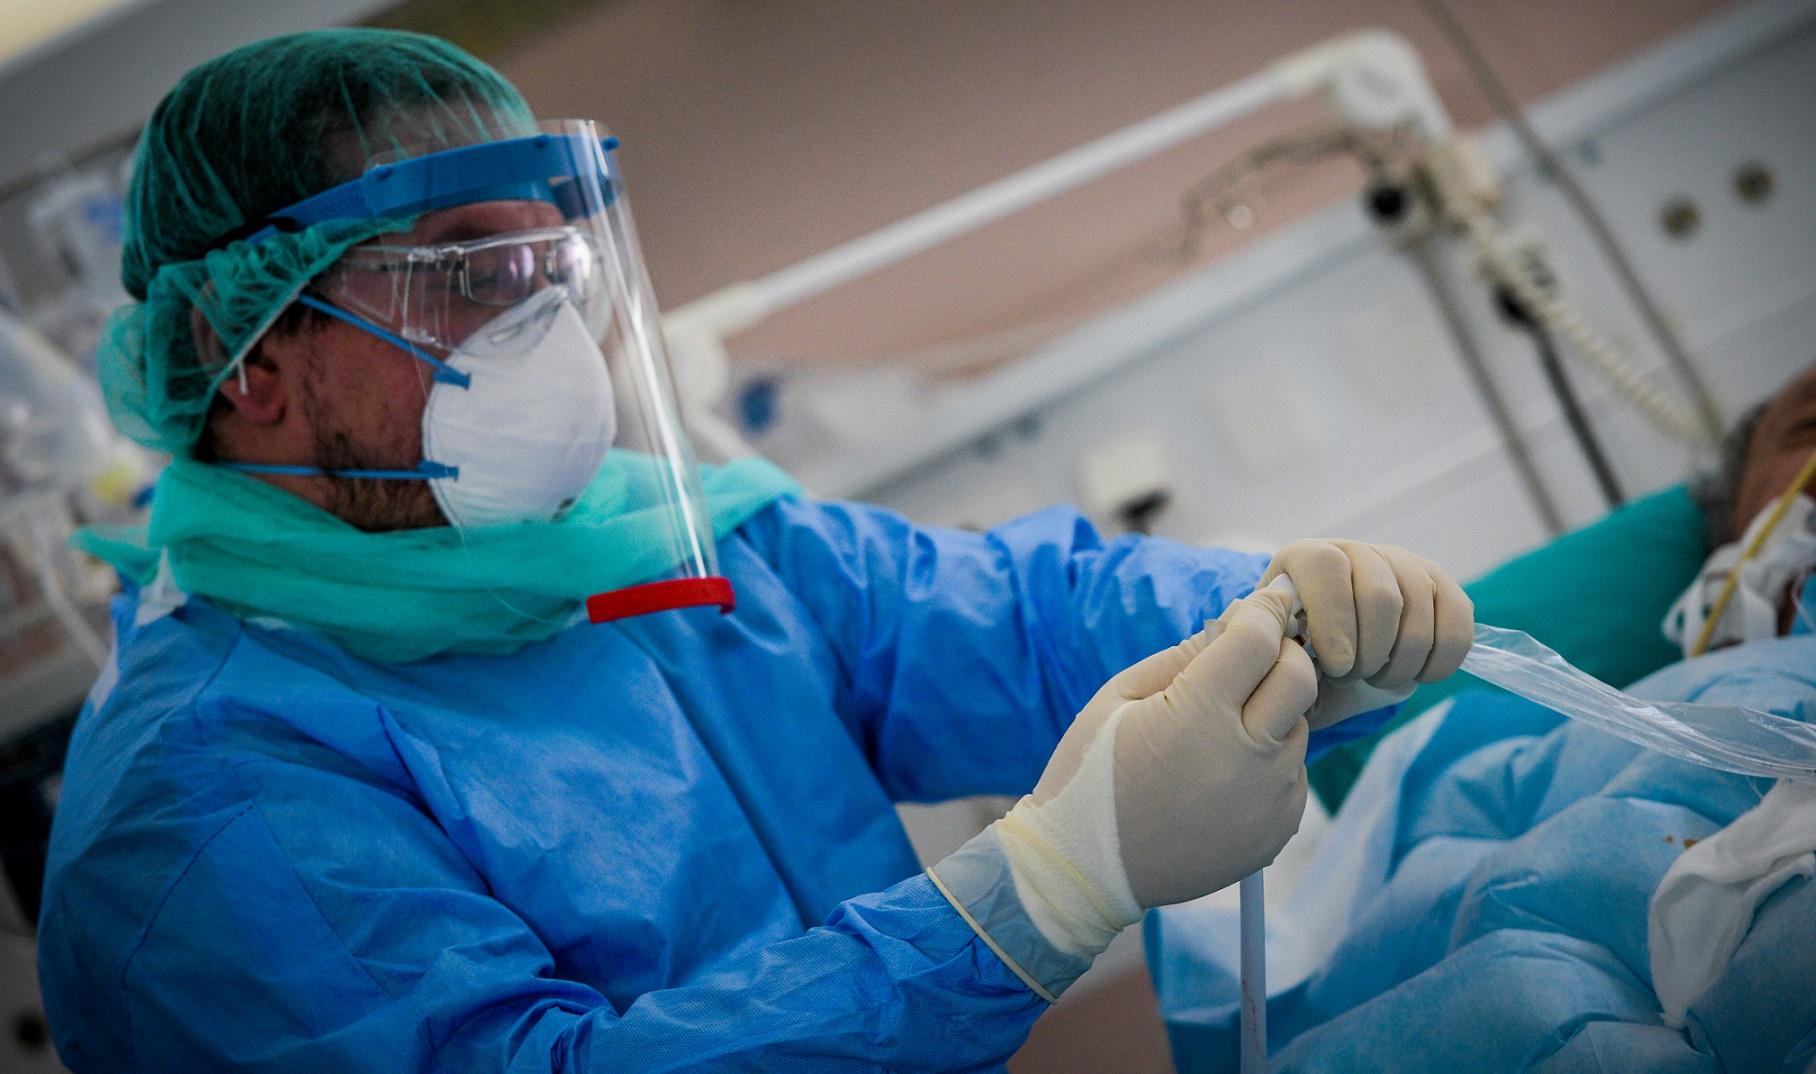 Κορωνοϊος κρούσματα: Ανησυχία για το κοκτέιλ γρίπης – ιού